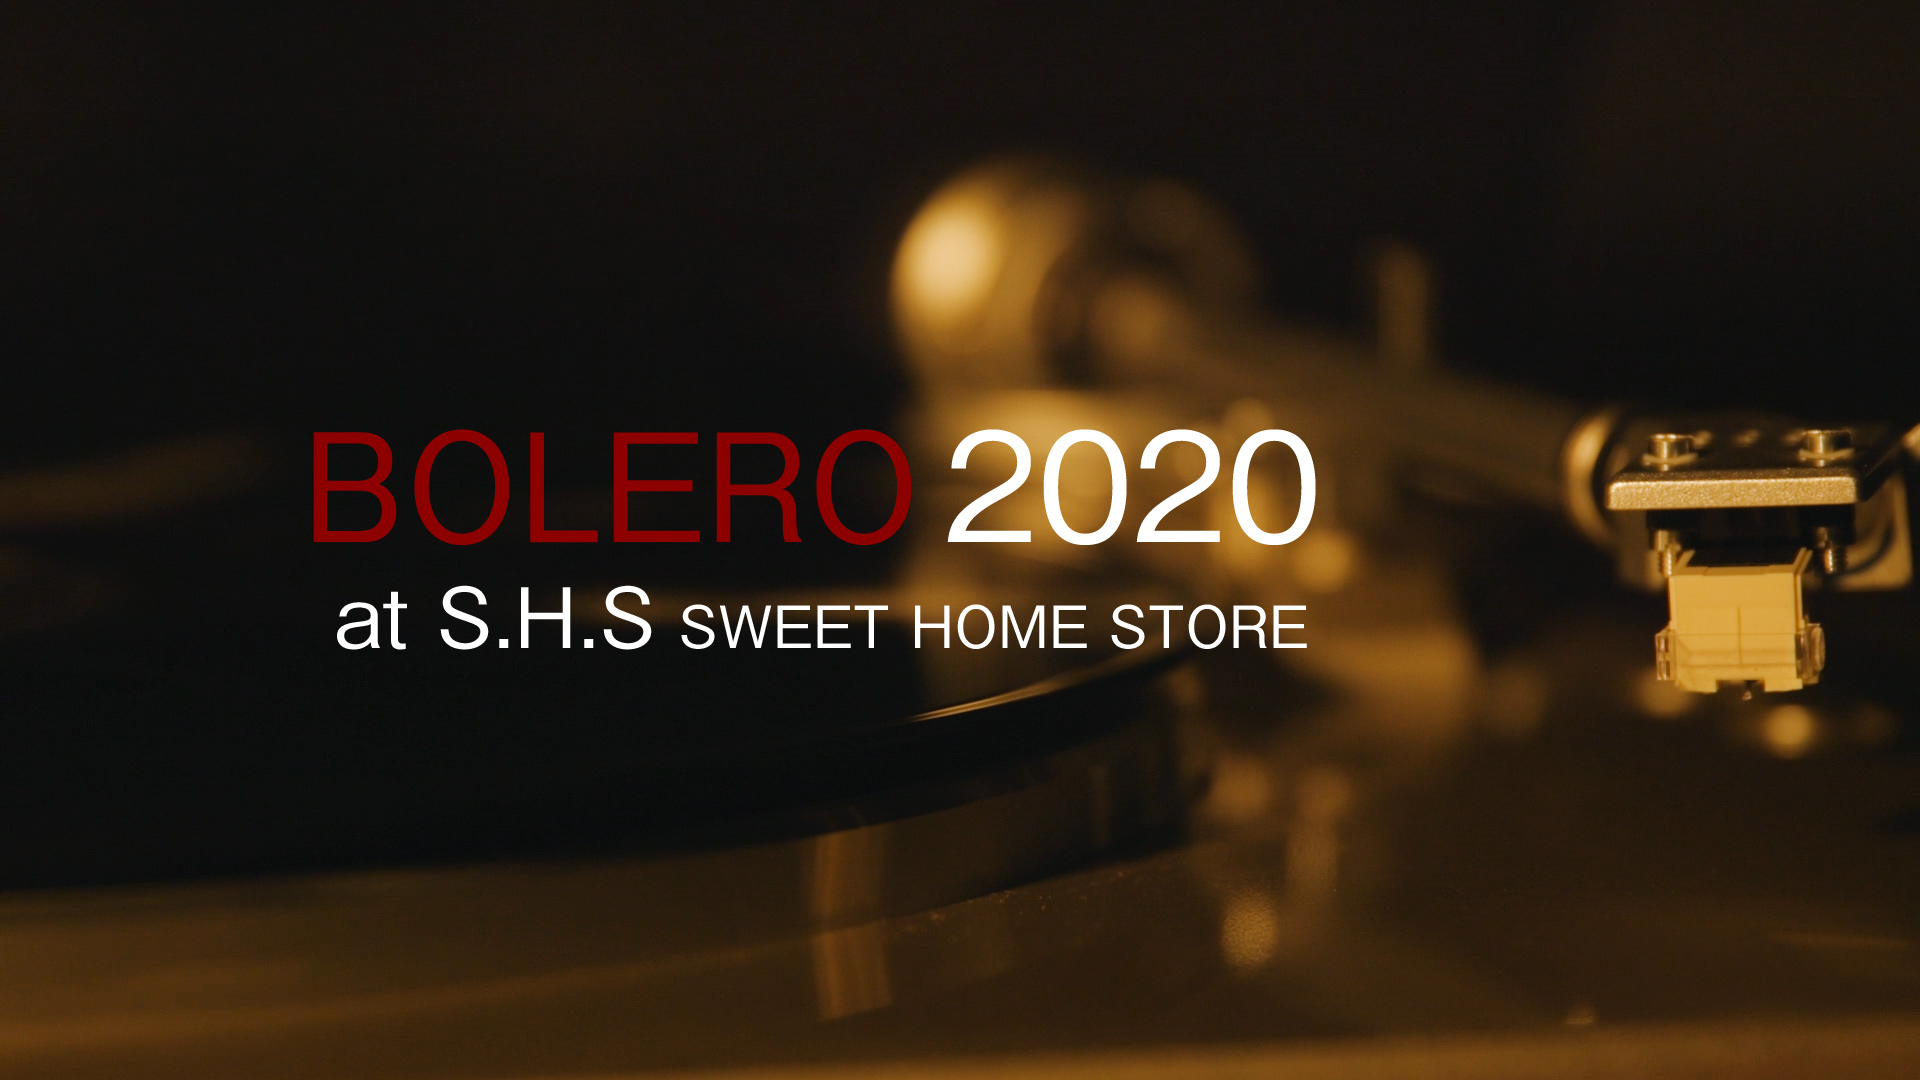 【特別上映】Noism映像舞踊『BOLERO 2020』